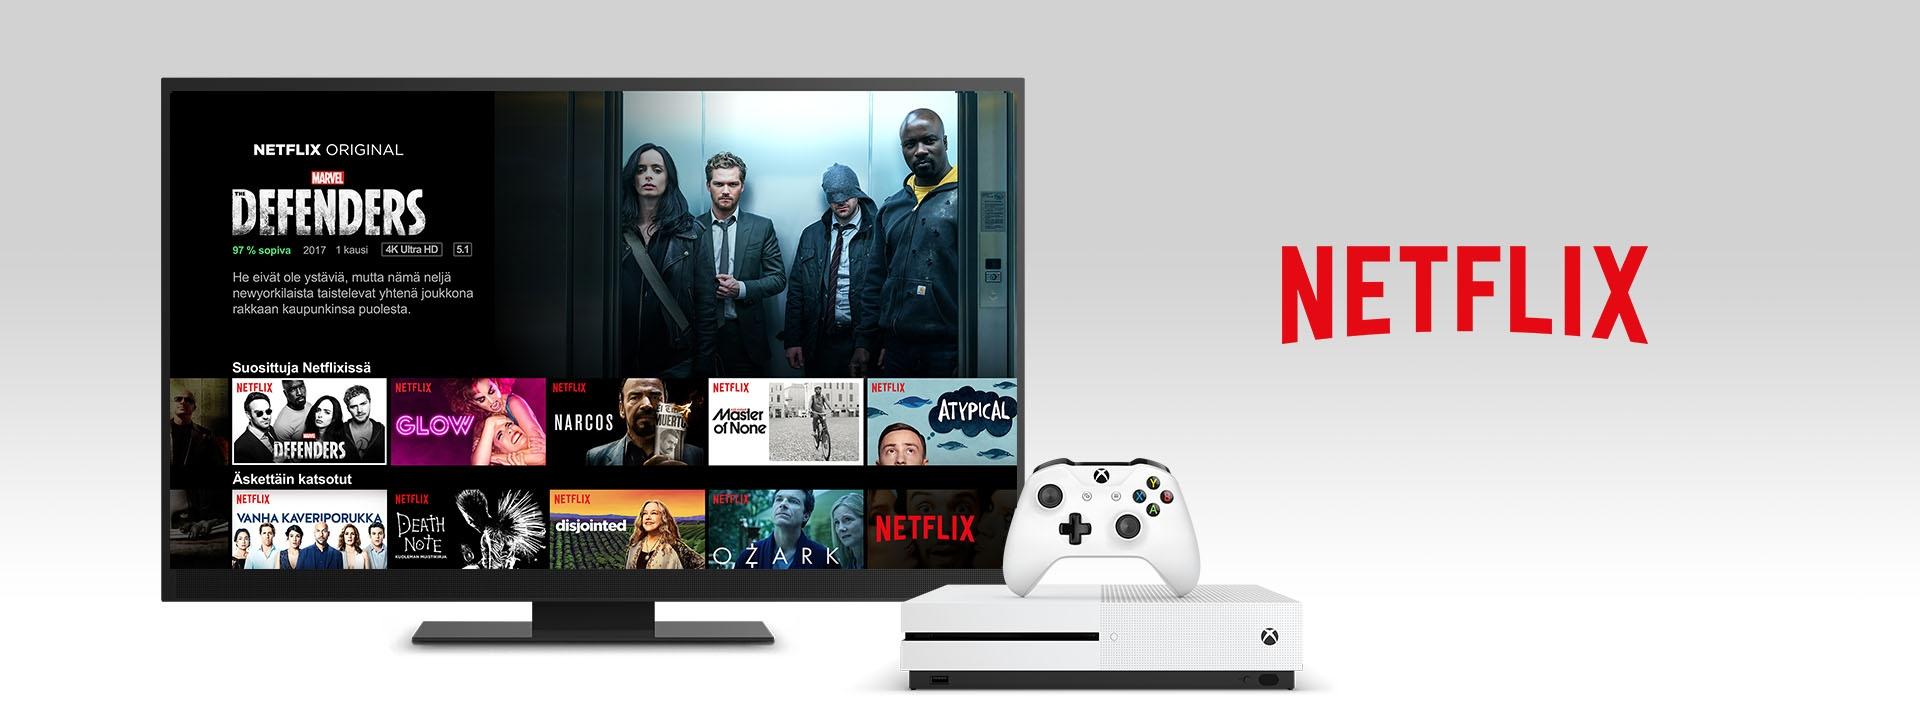 Netflix 4k Sisältö